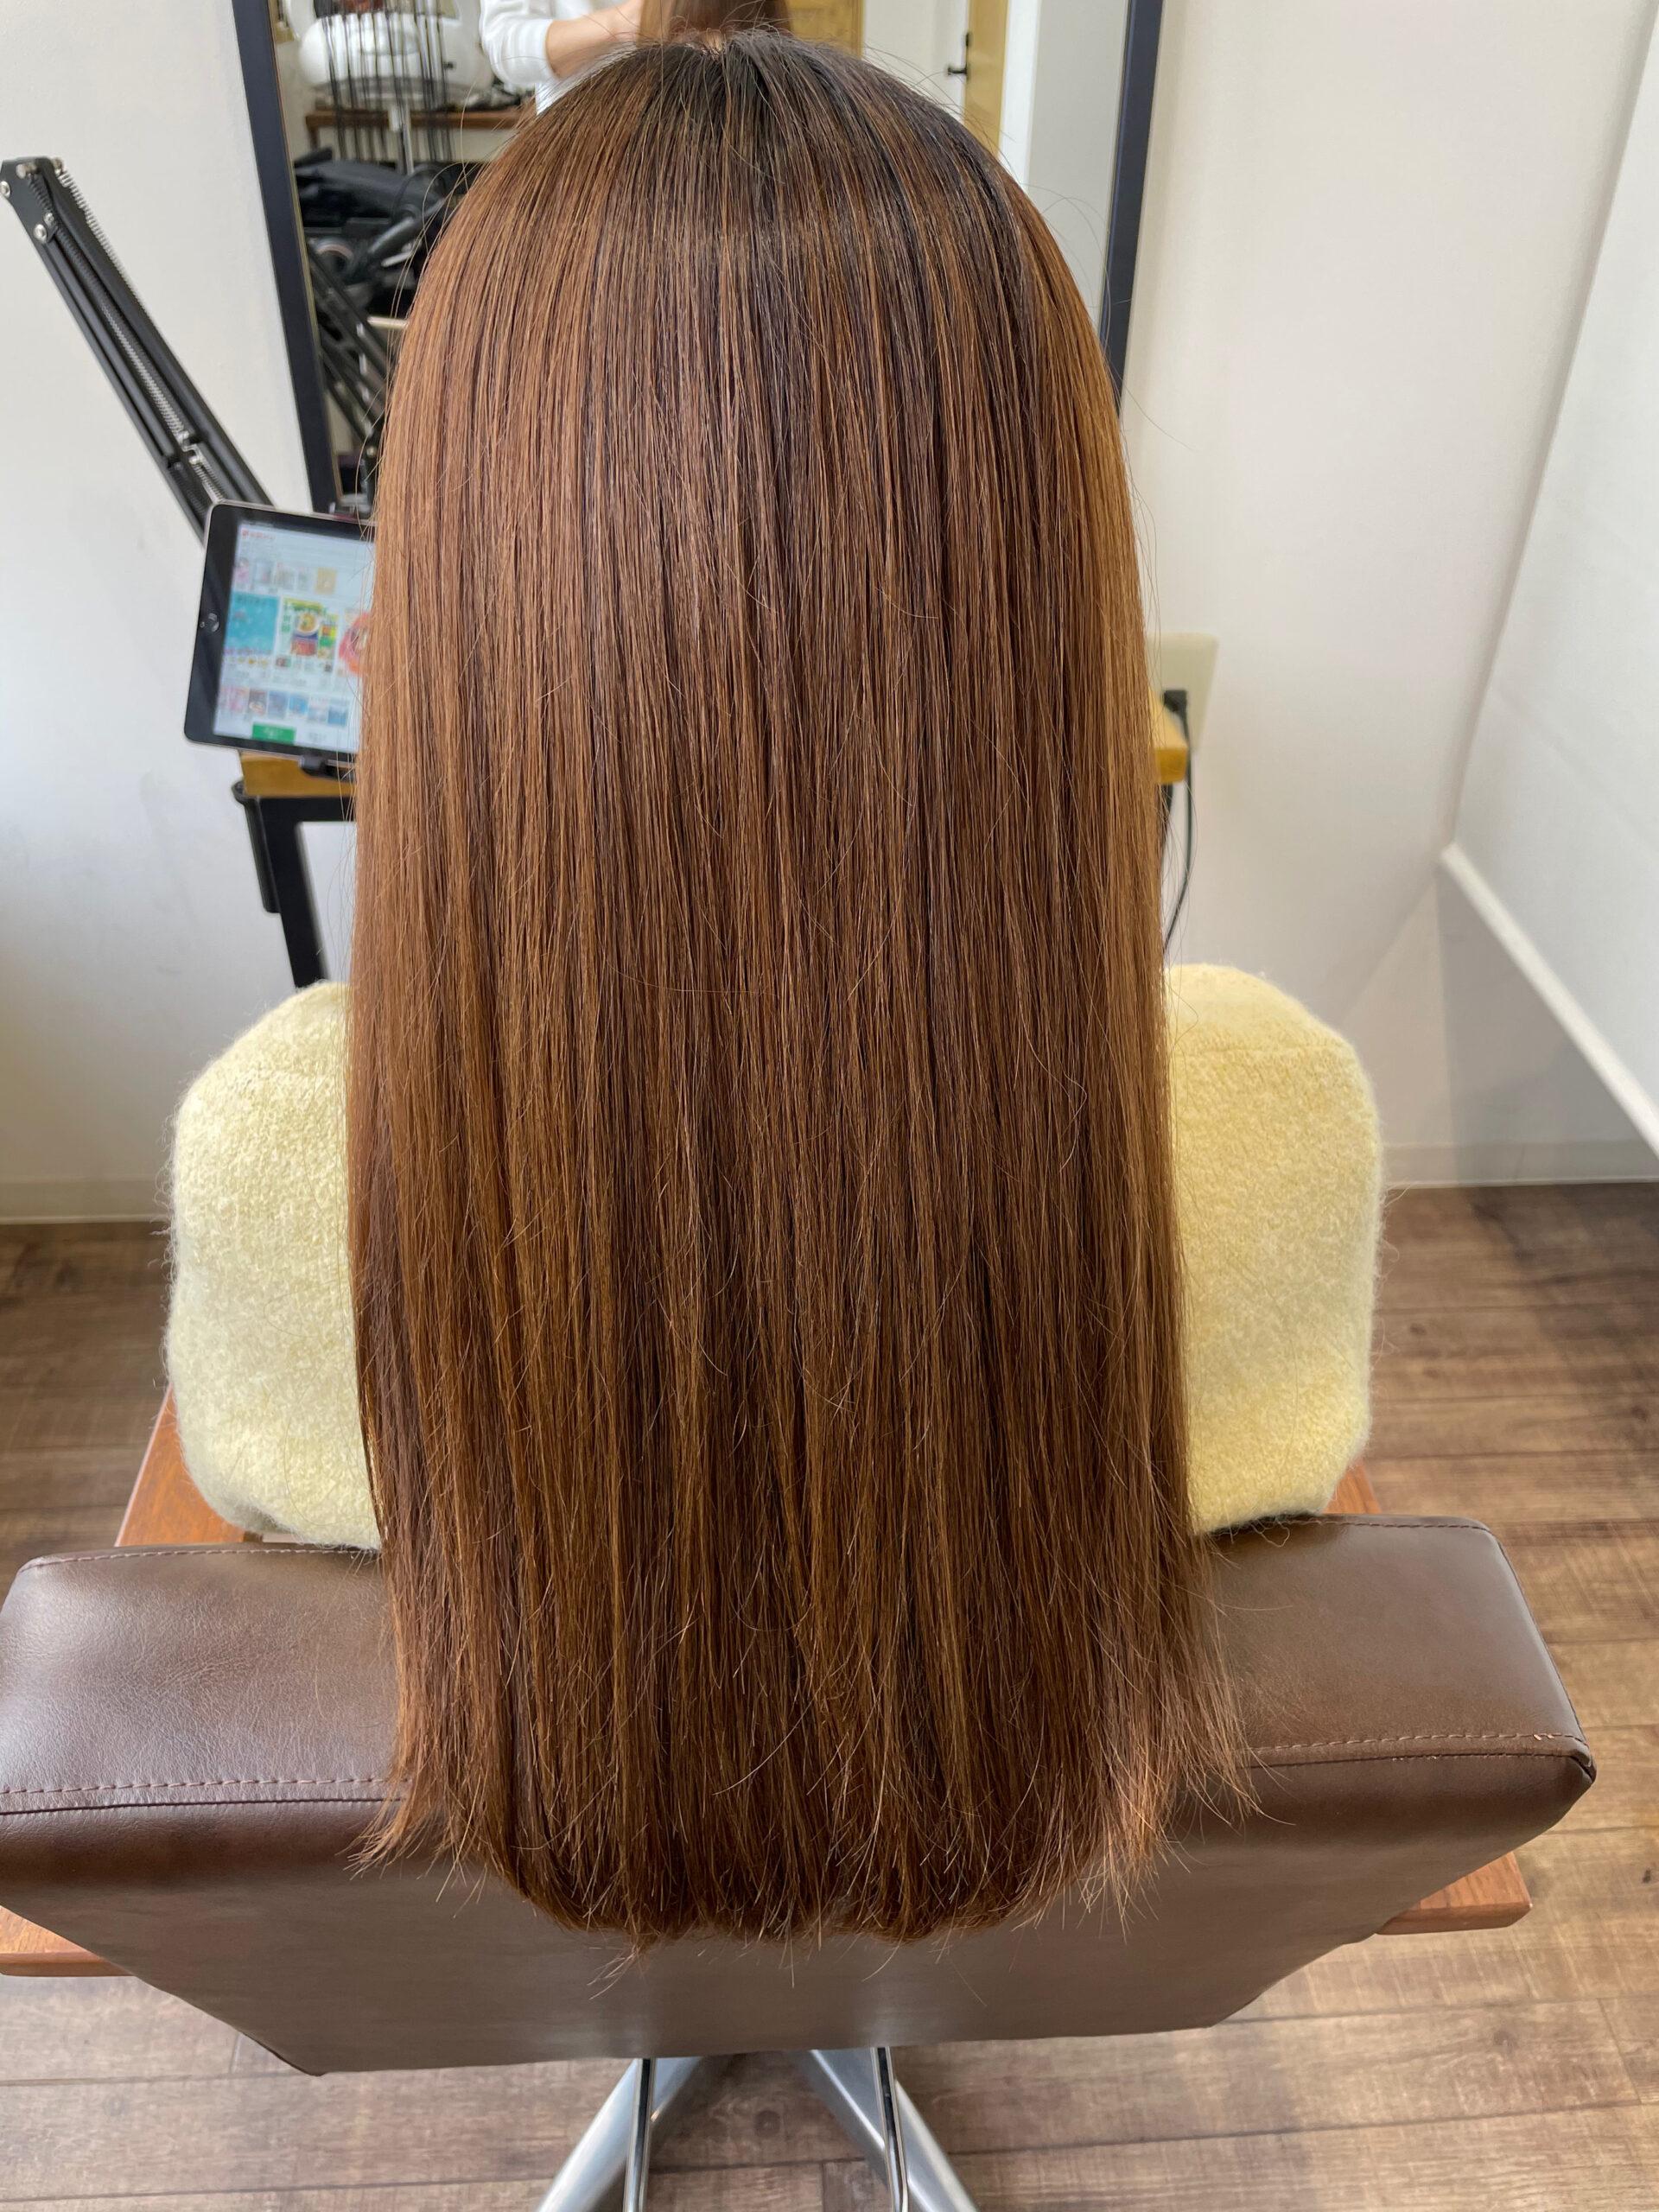 大分県別府市 髪質改善 カラー&トリートメントでツヤツヤな髪の毛 ビフォー